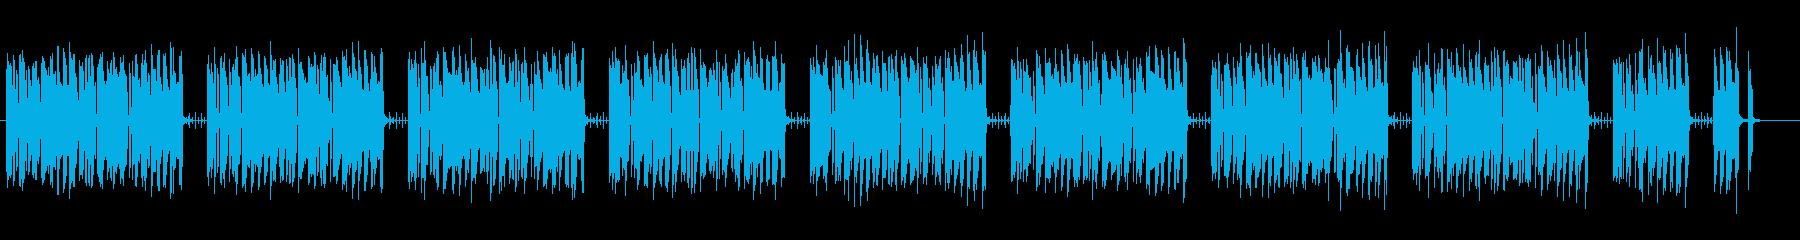 コミカルでエレクトロなゲームBGMの再生済みの波形